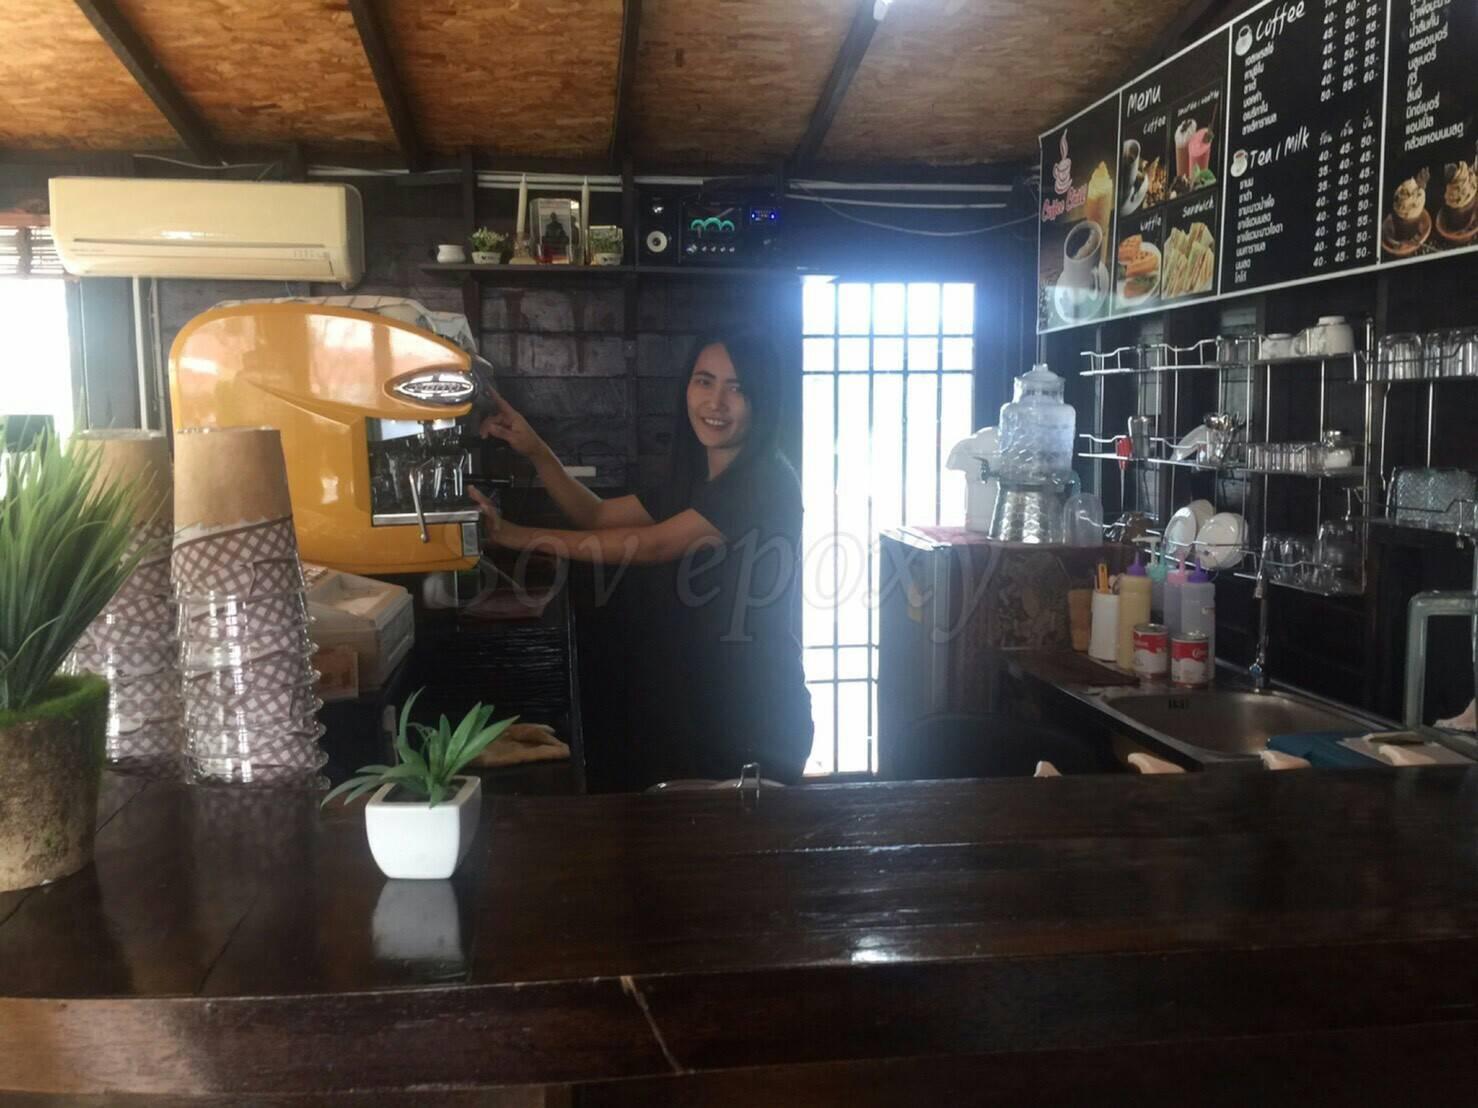 SOV & Coffee Chillเปิดให้บริการแล้วในโซนของ ร้านกาแฟ 7